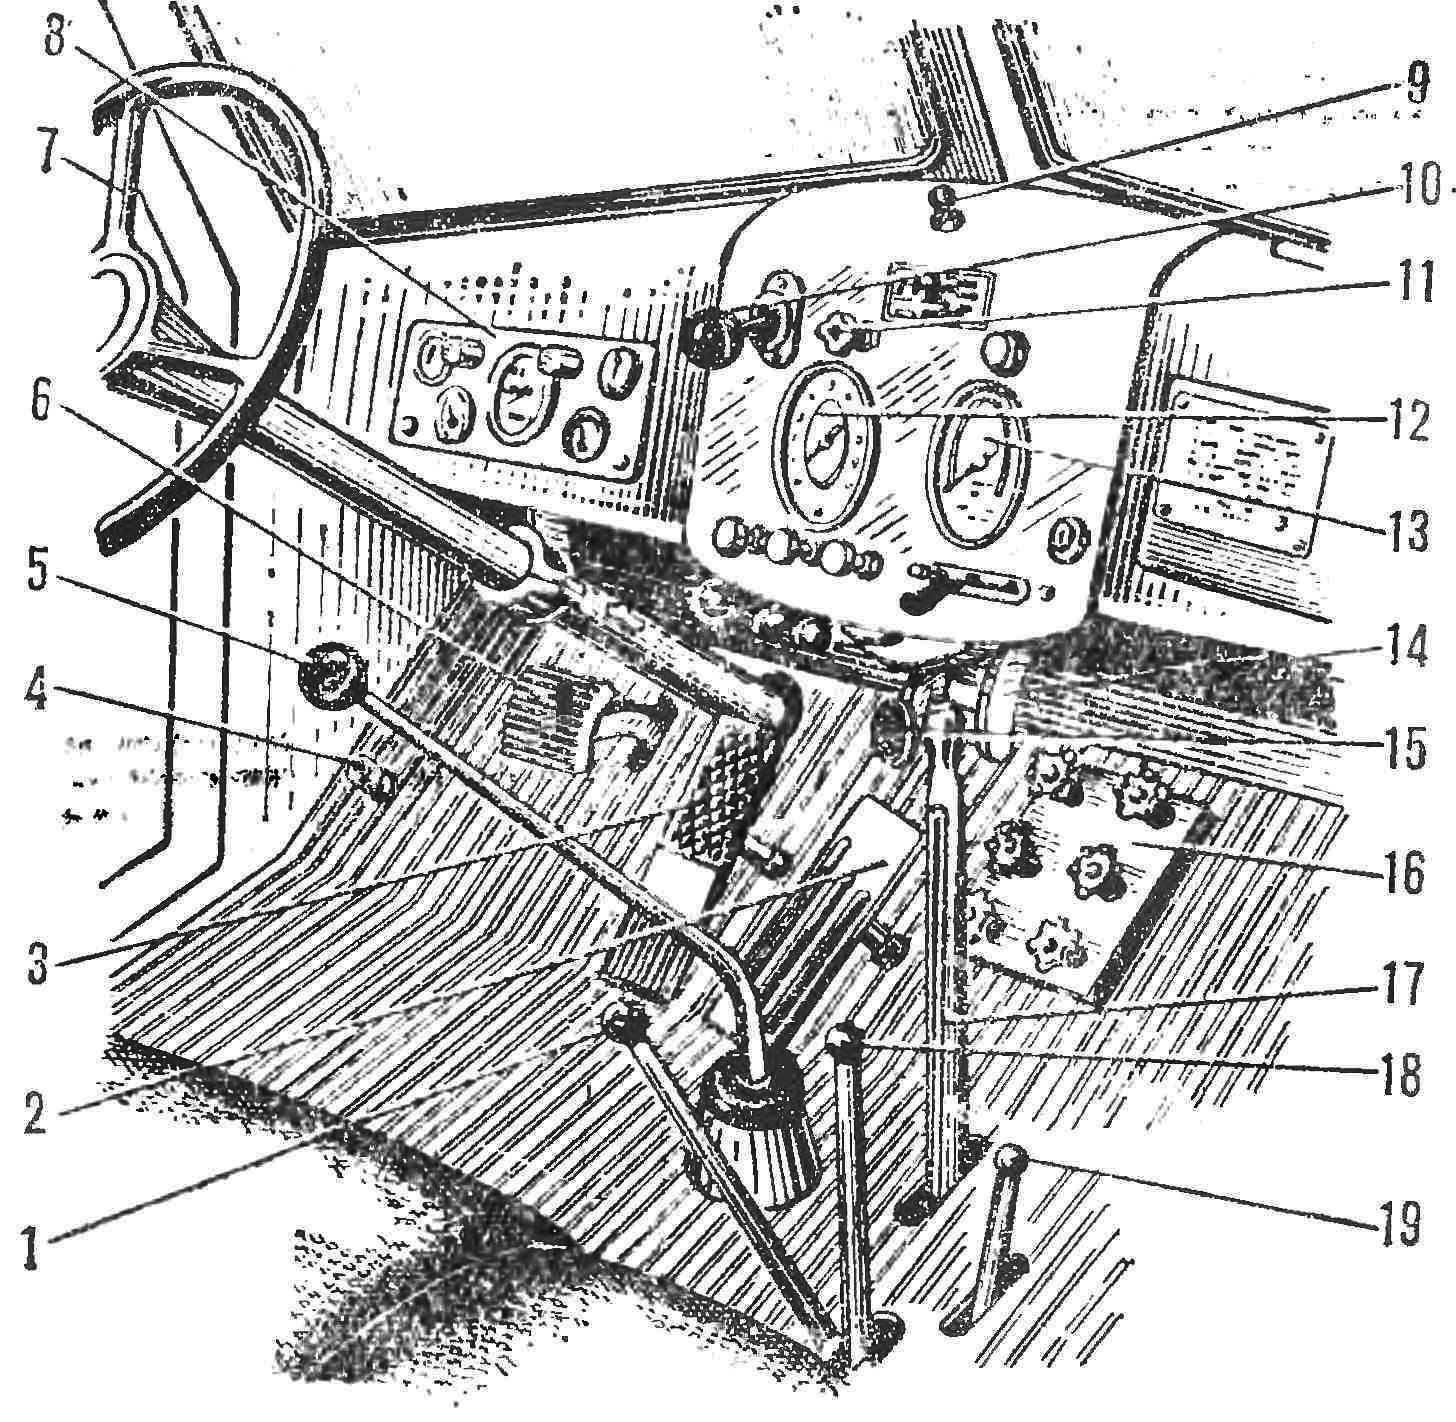 Рис. 2. Органы управления и контрольные приборы автомобиля ЗИЛ-157